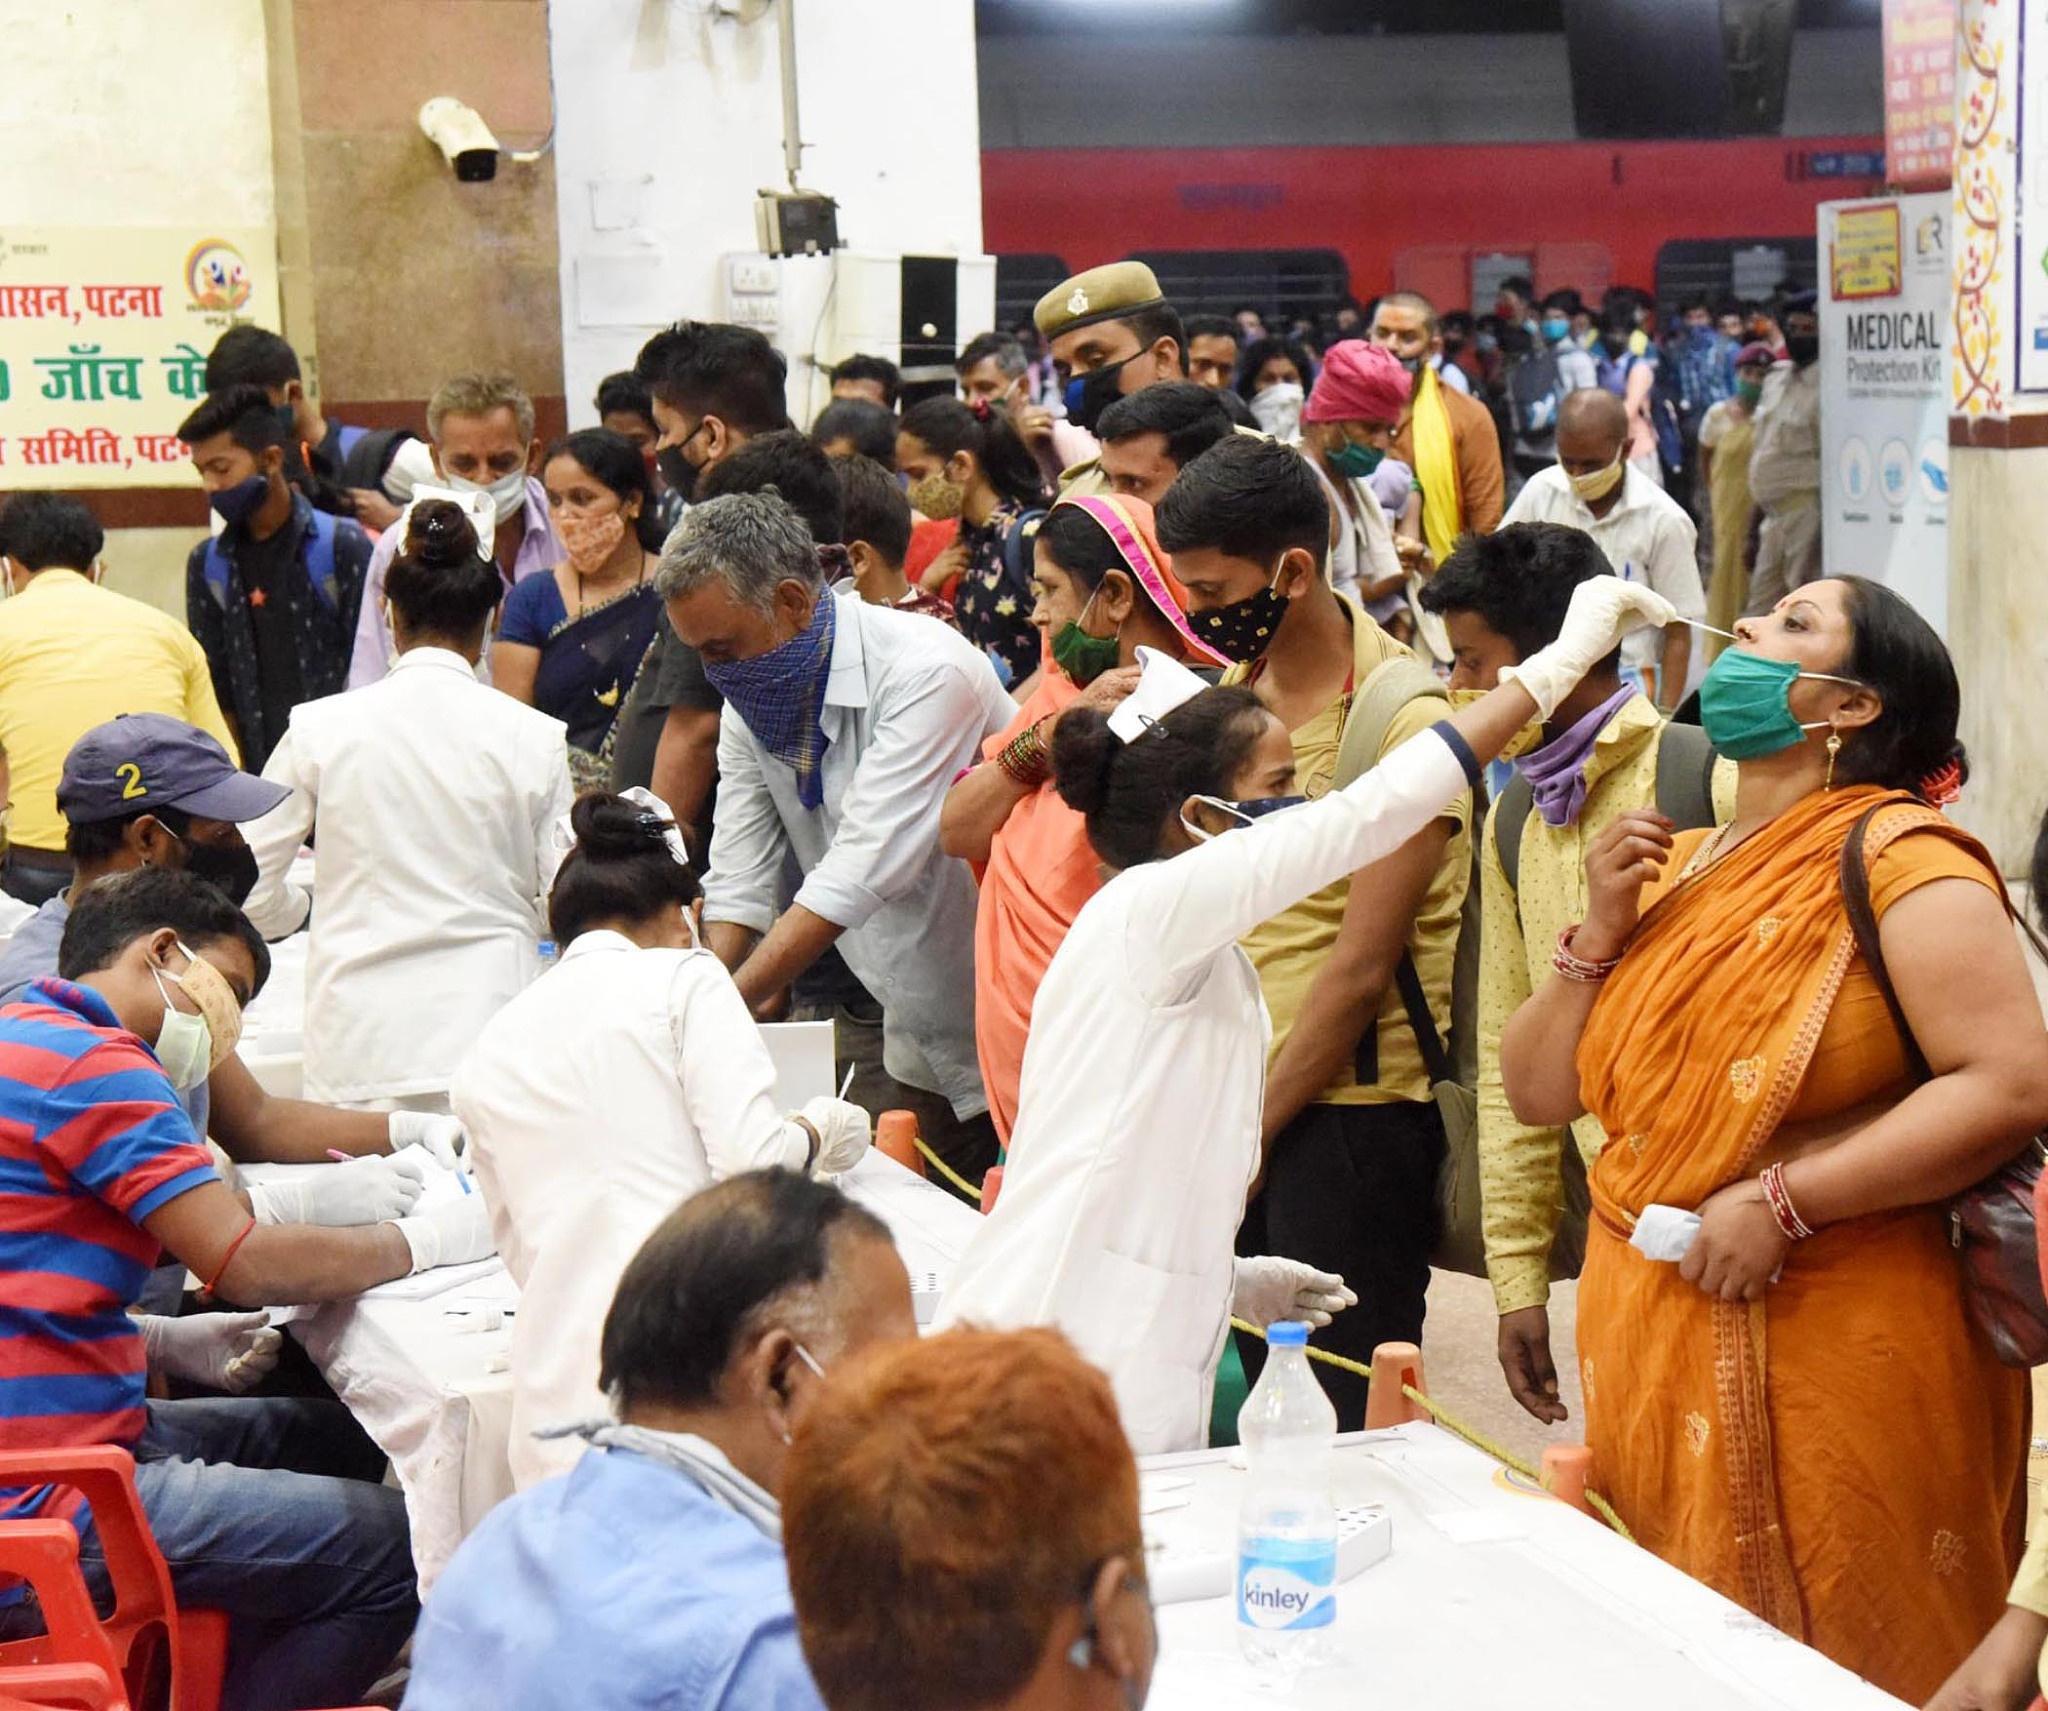 印度首都新德里新增病例飆升 醫療資源短缺